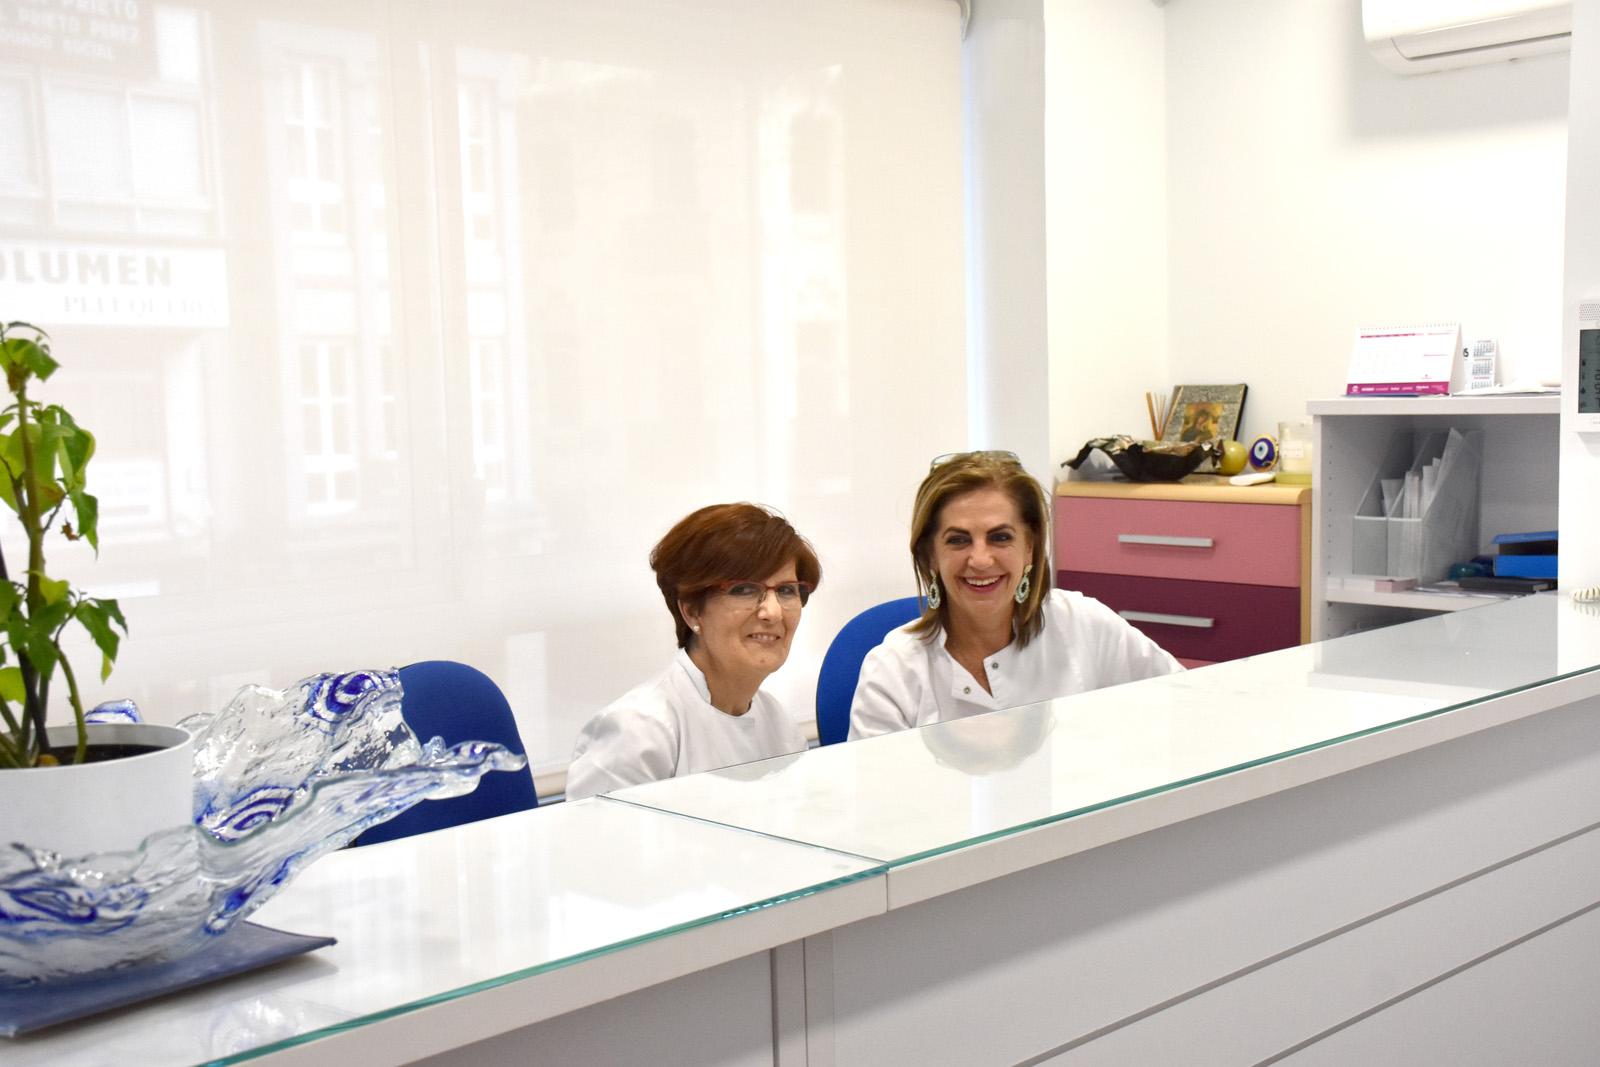 Laser ginecológico en A Coruña - Ginecólogo A Coruña